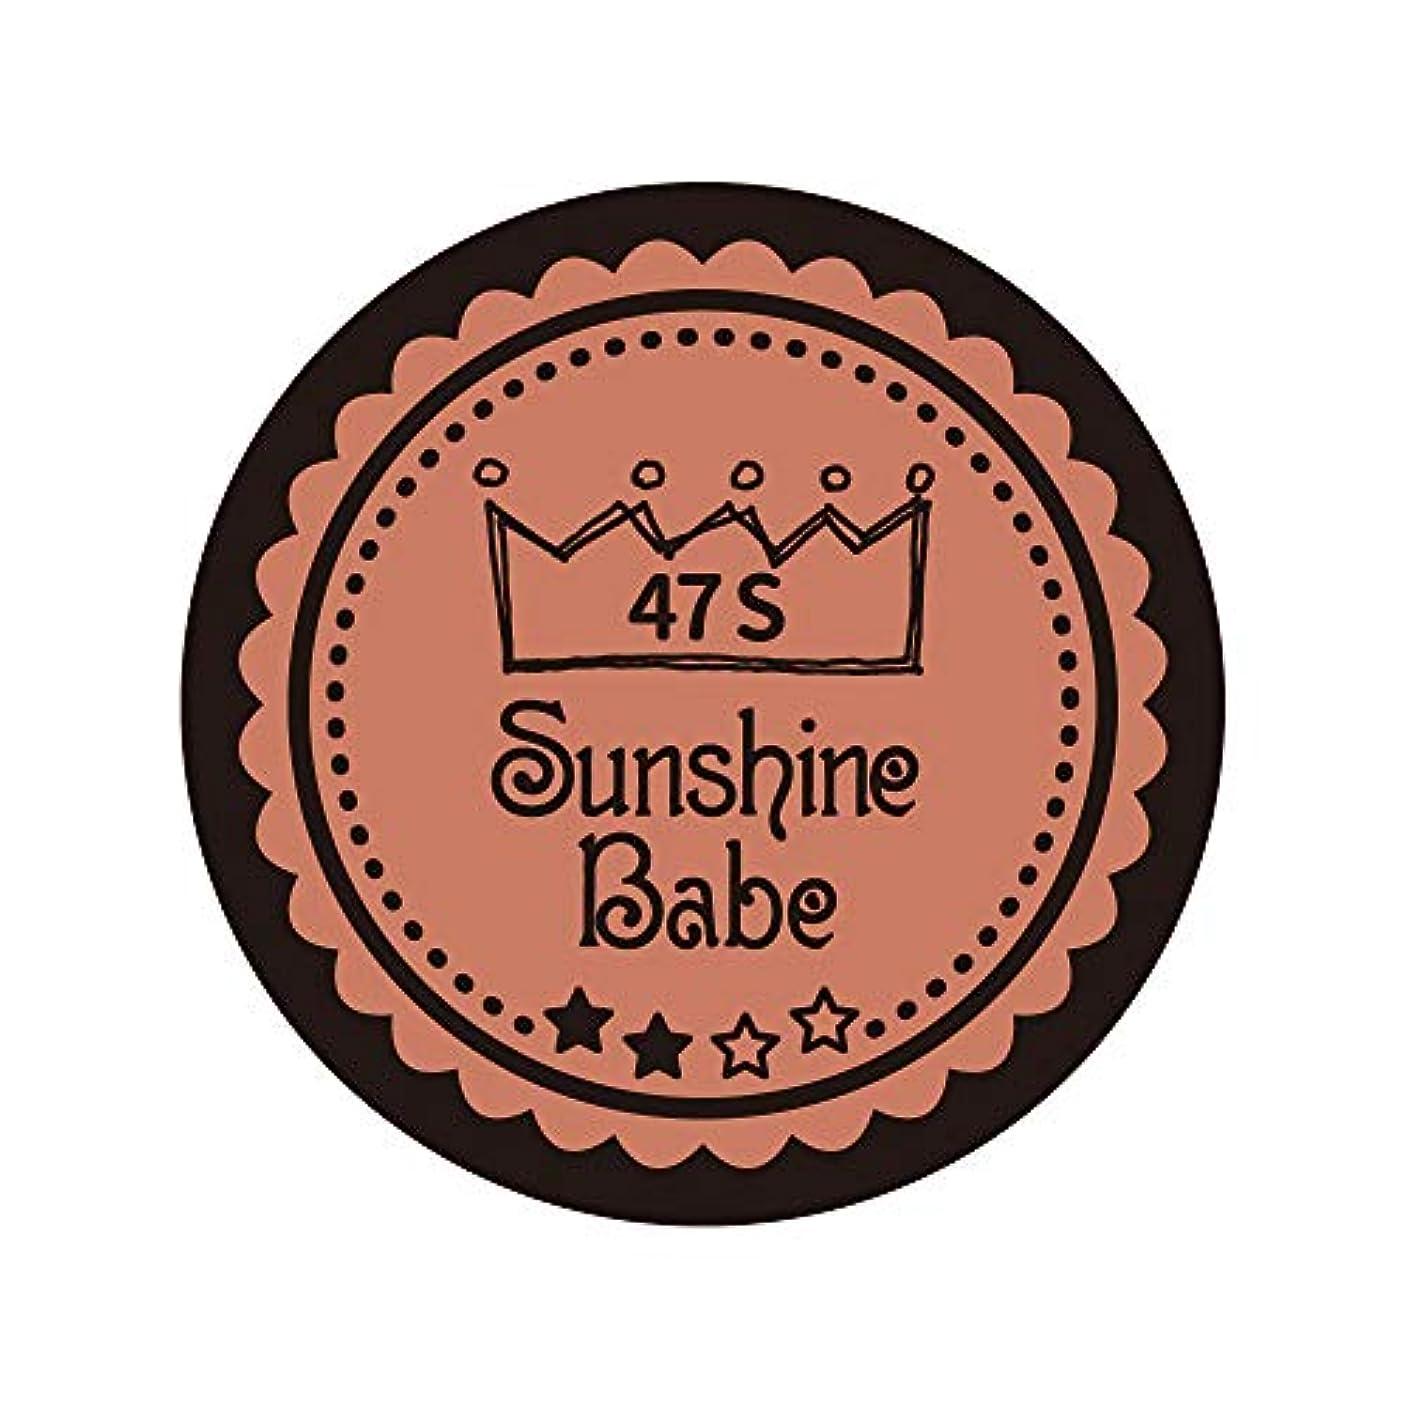 フランクワースリー引っ張るまたねSunshine Babe カラージェル 47S ピーチブラウン 4g UV/LED対応